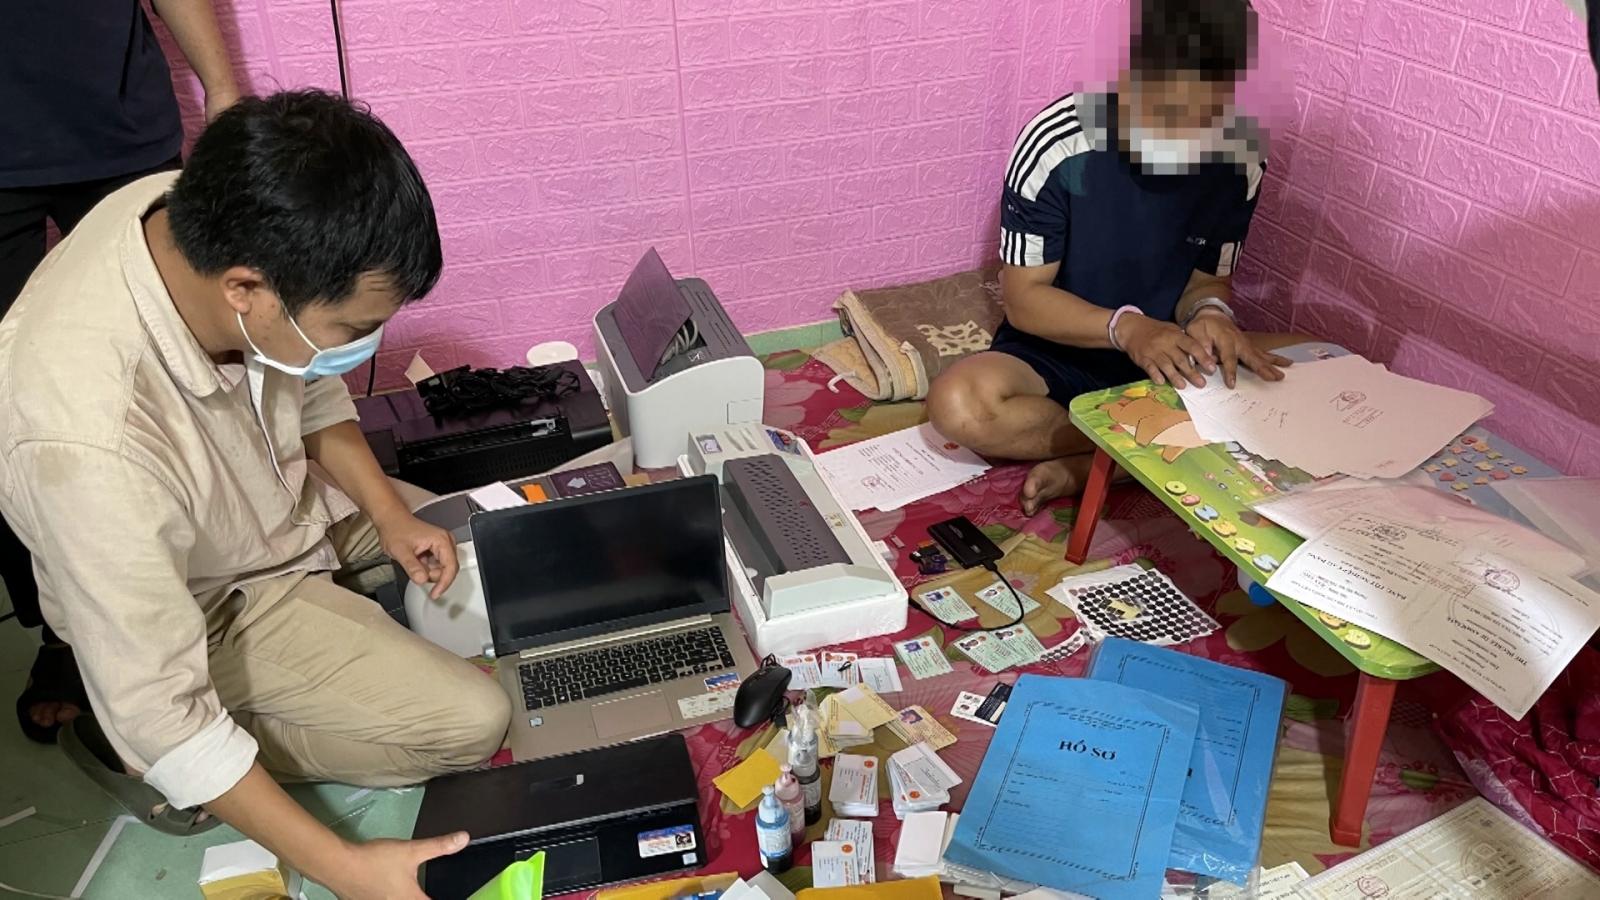 Quảng Nam:Phát hiệnđường dây làm giả giấy tờ, tài liệuvới quy môlớn